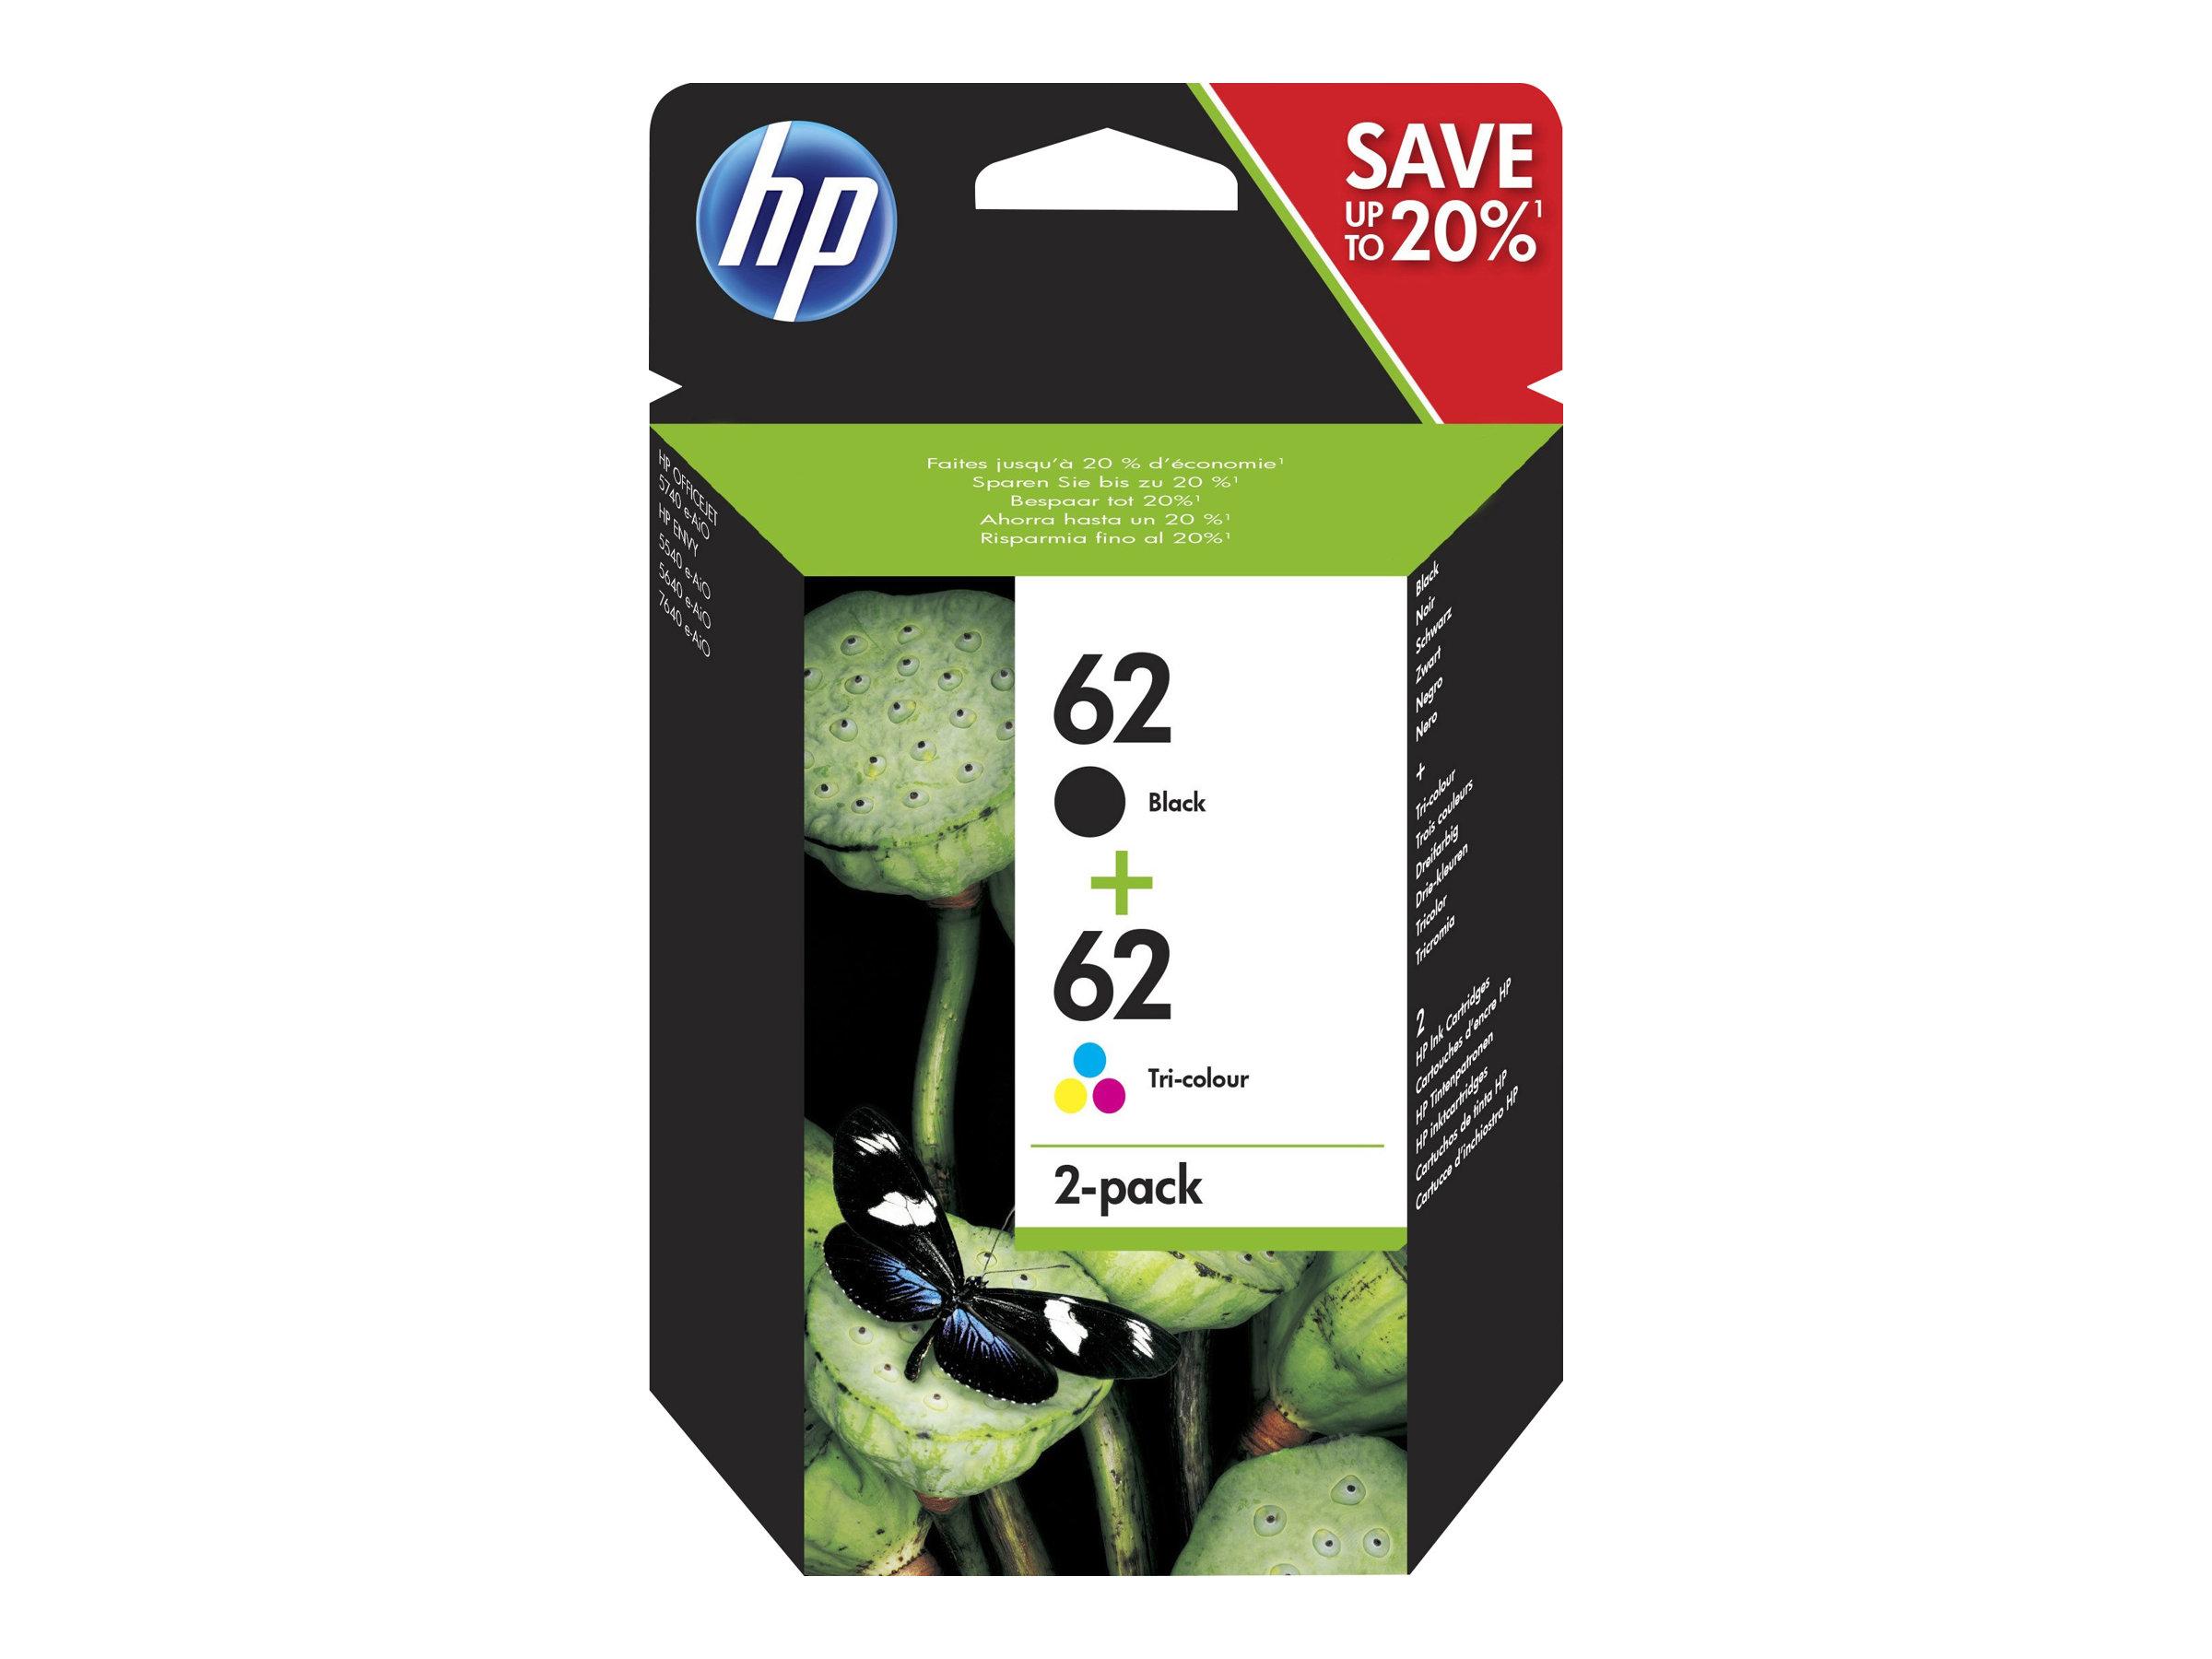 HP Multipack black/cyan/magenta/yellow Nr. 62 (N9J71AE) ca. 200 S. black/ 165 Seiten cym, Doppelpack